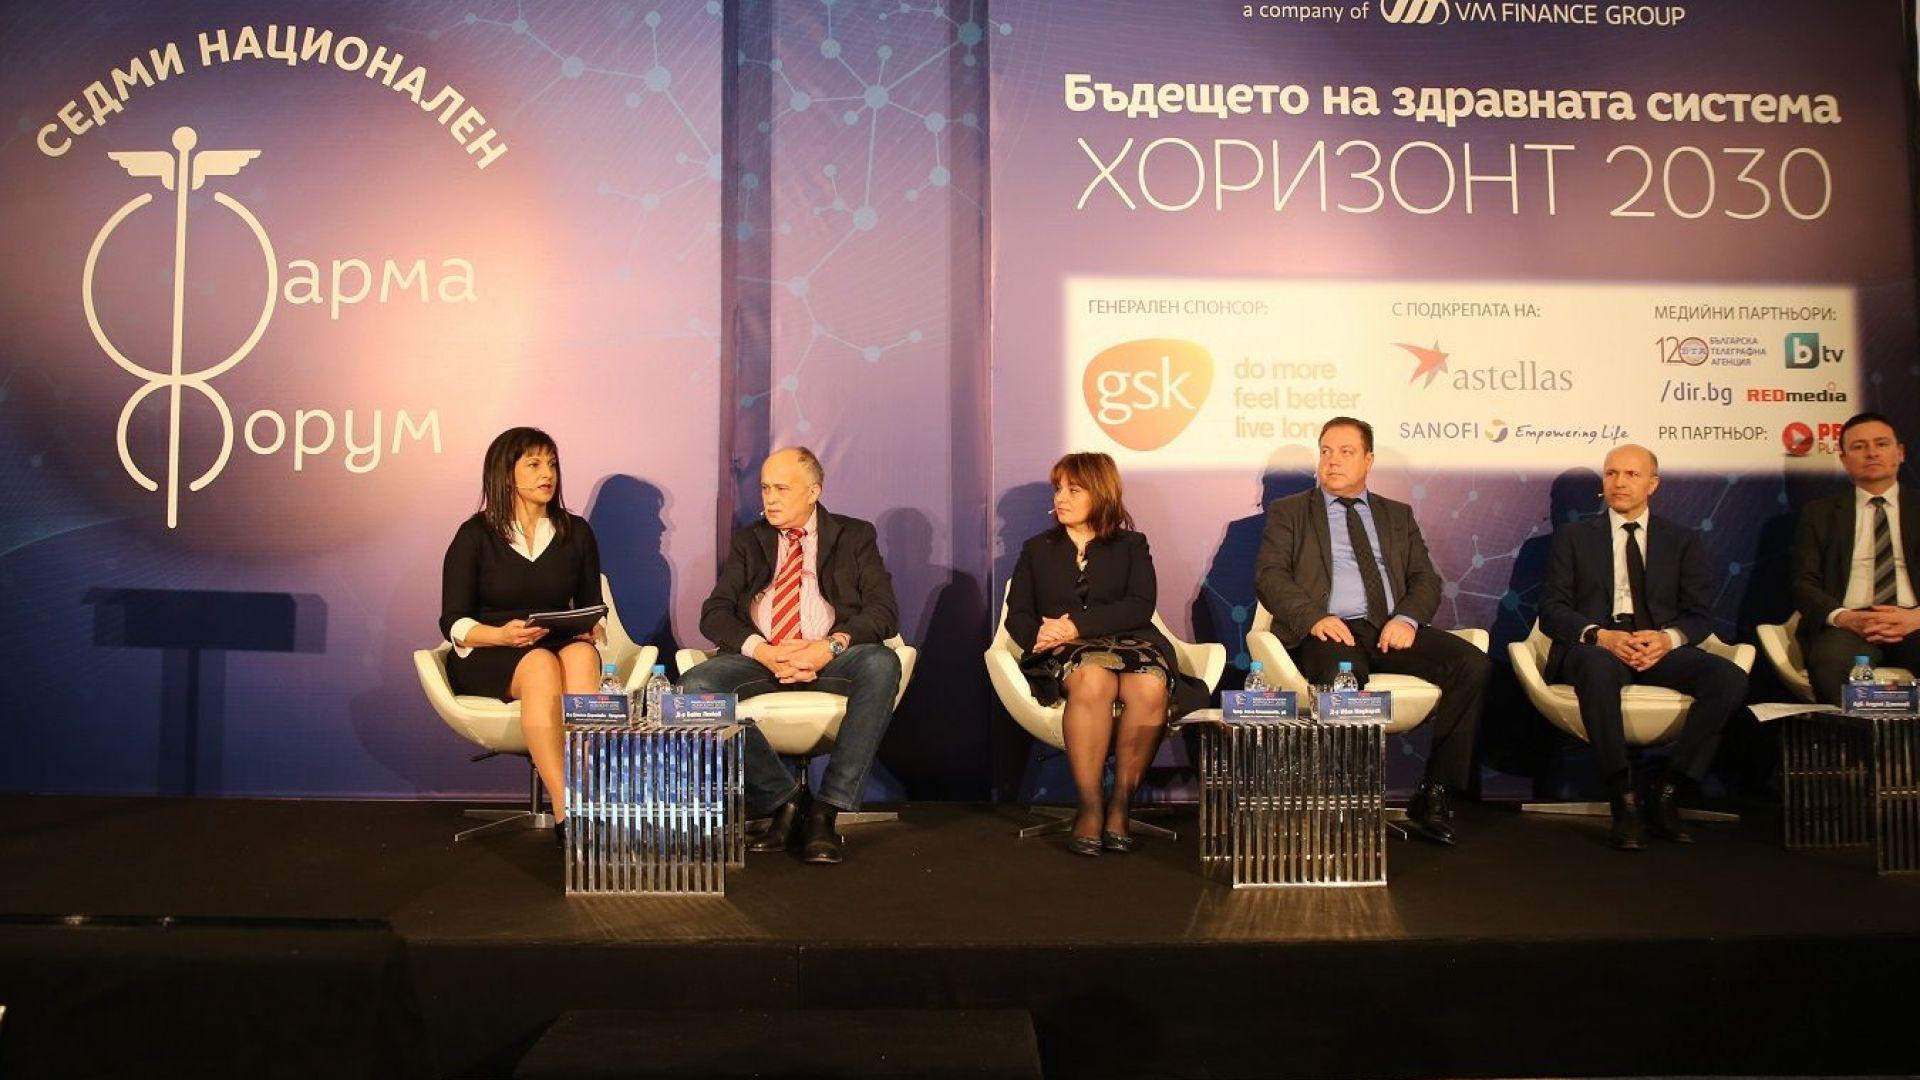 Седмият национален бизнес Форум Фарма очерта бъдещето на здравеопазването в България до 2030 г.